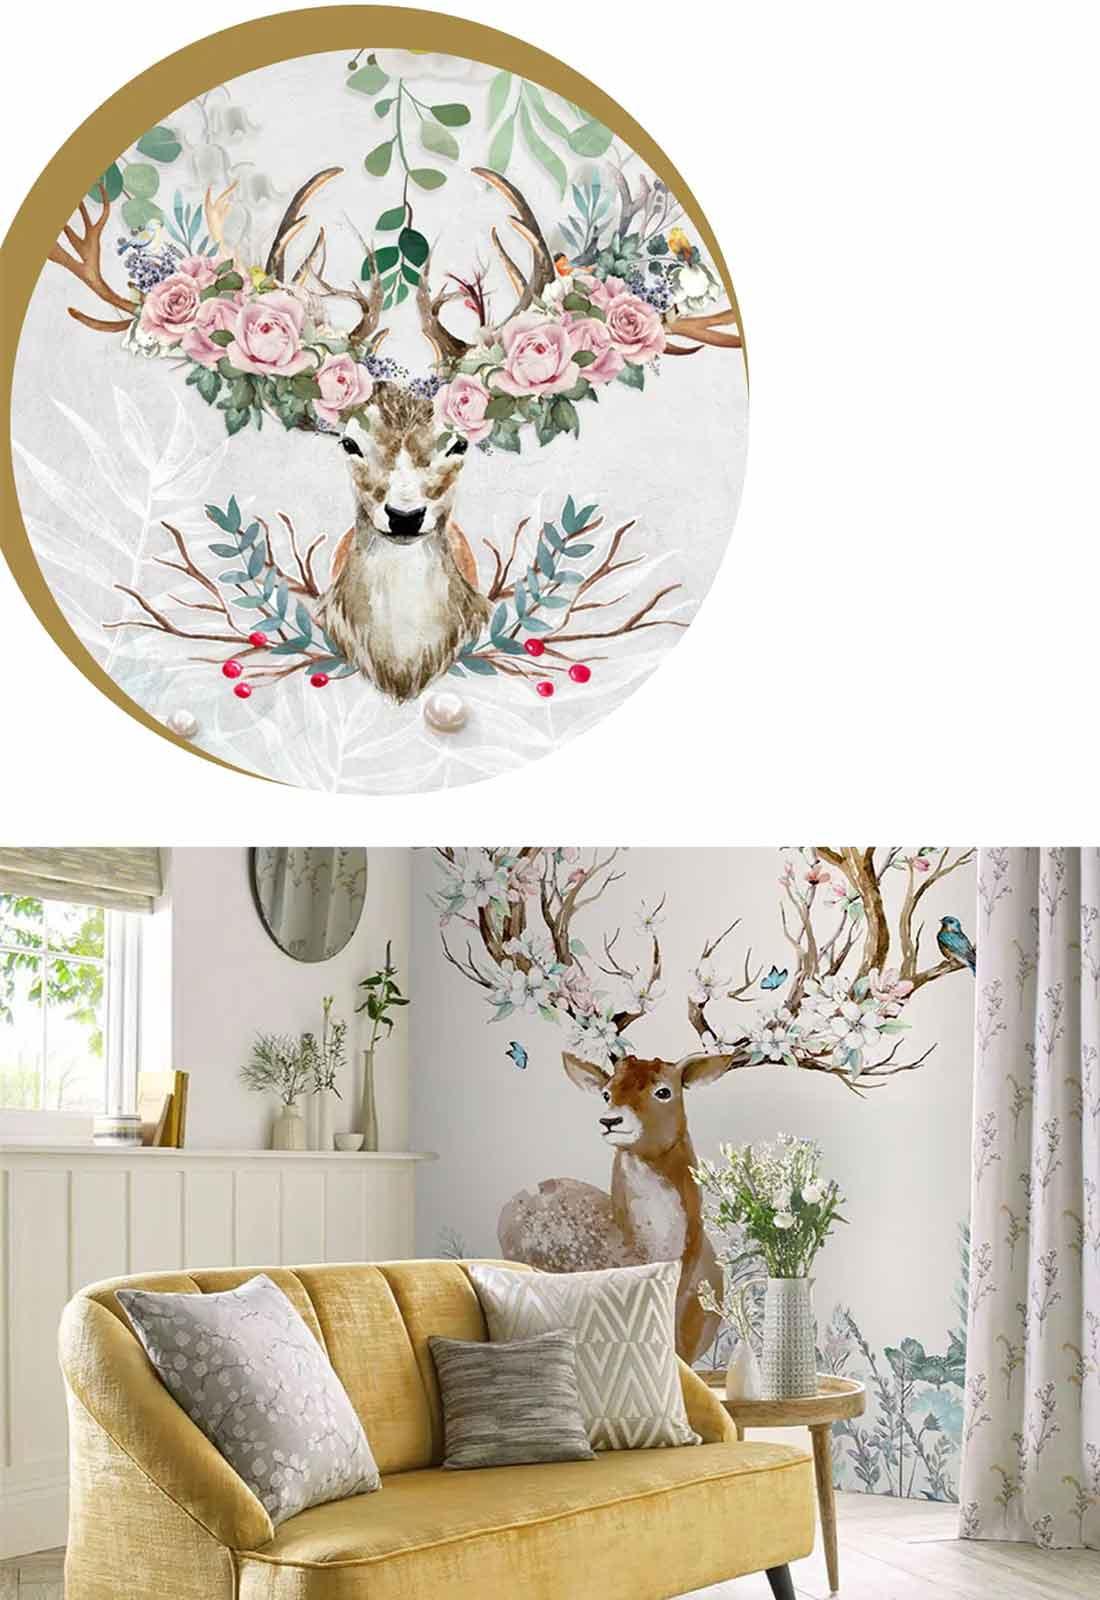 天洋壁画梦幻麋鹿现代壁画效果图